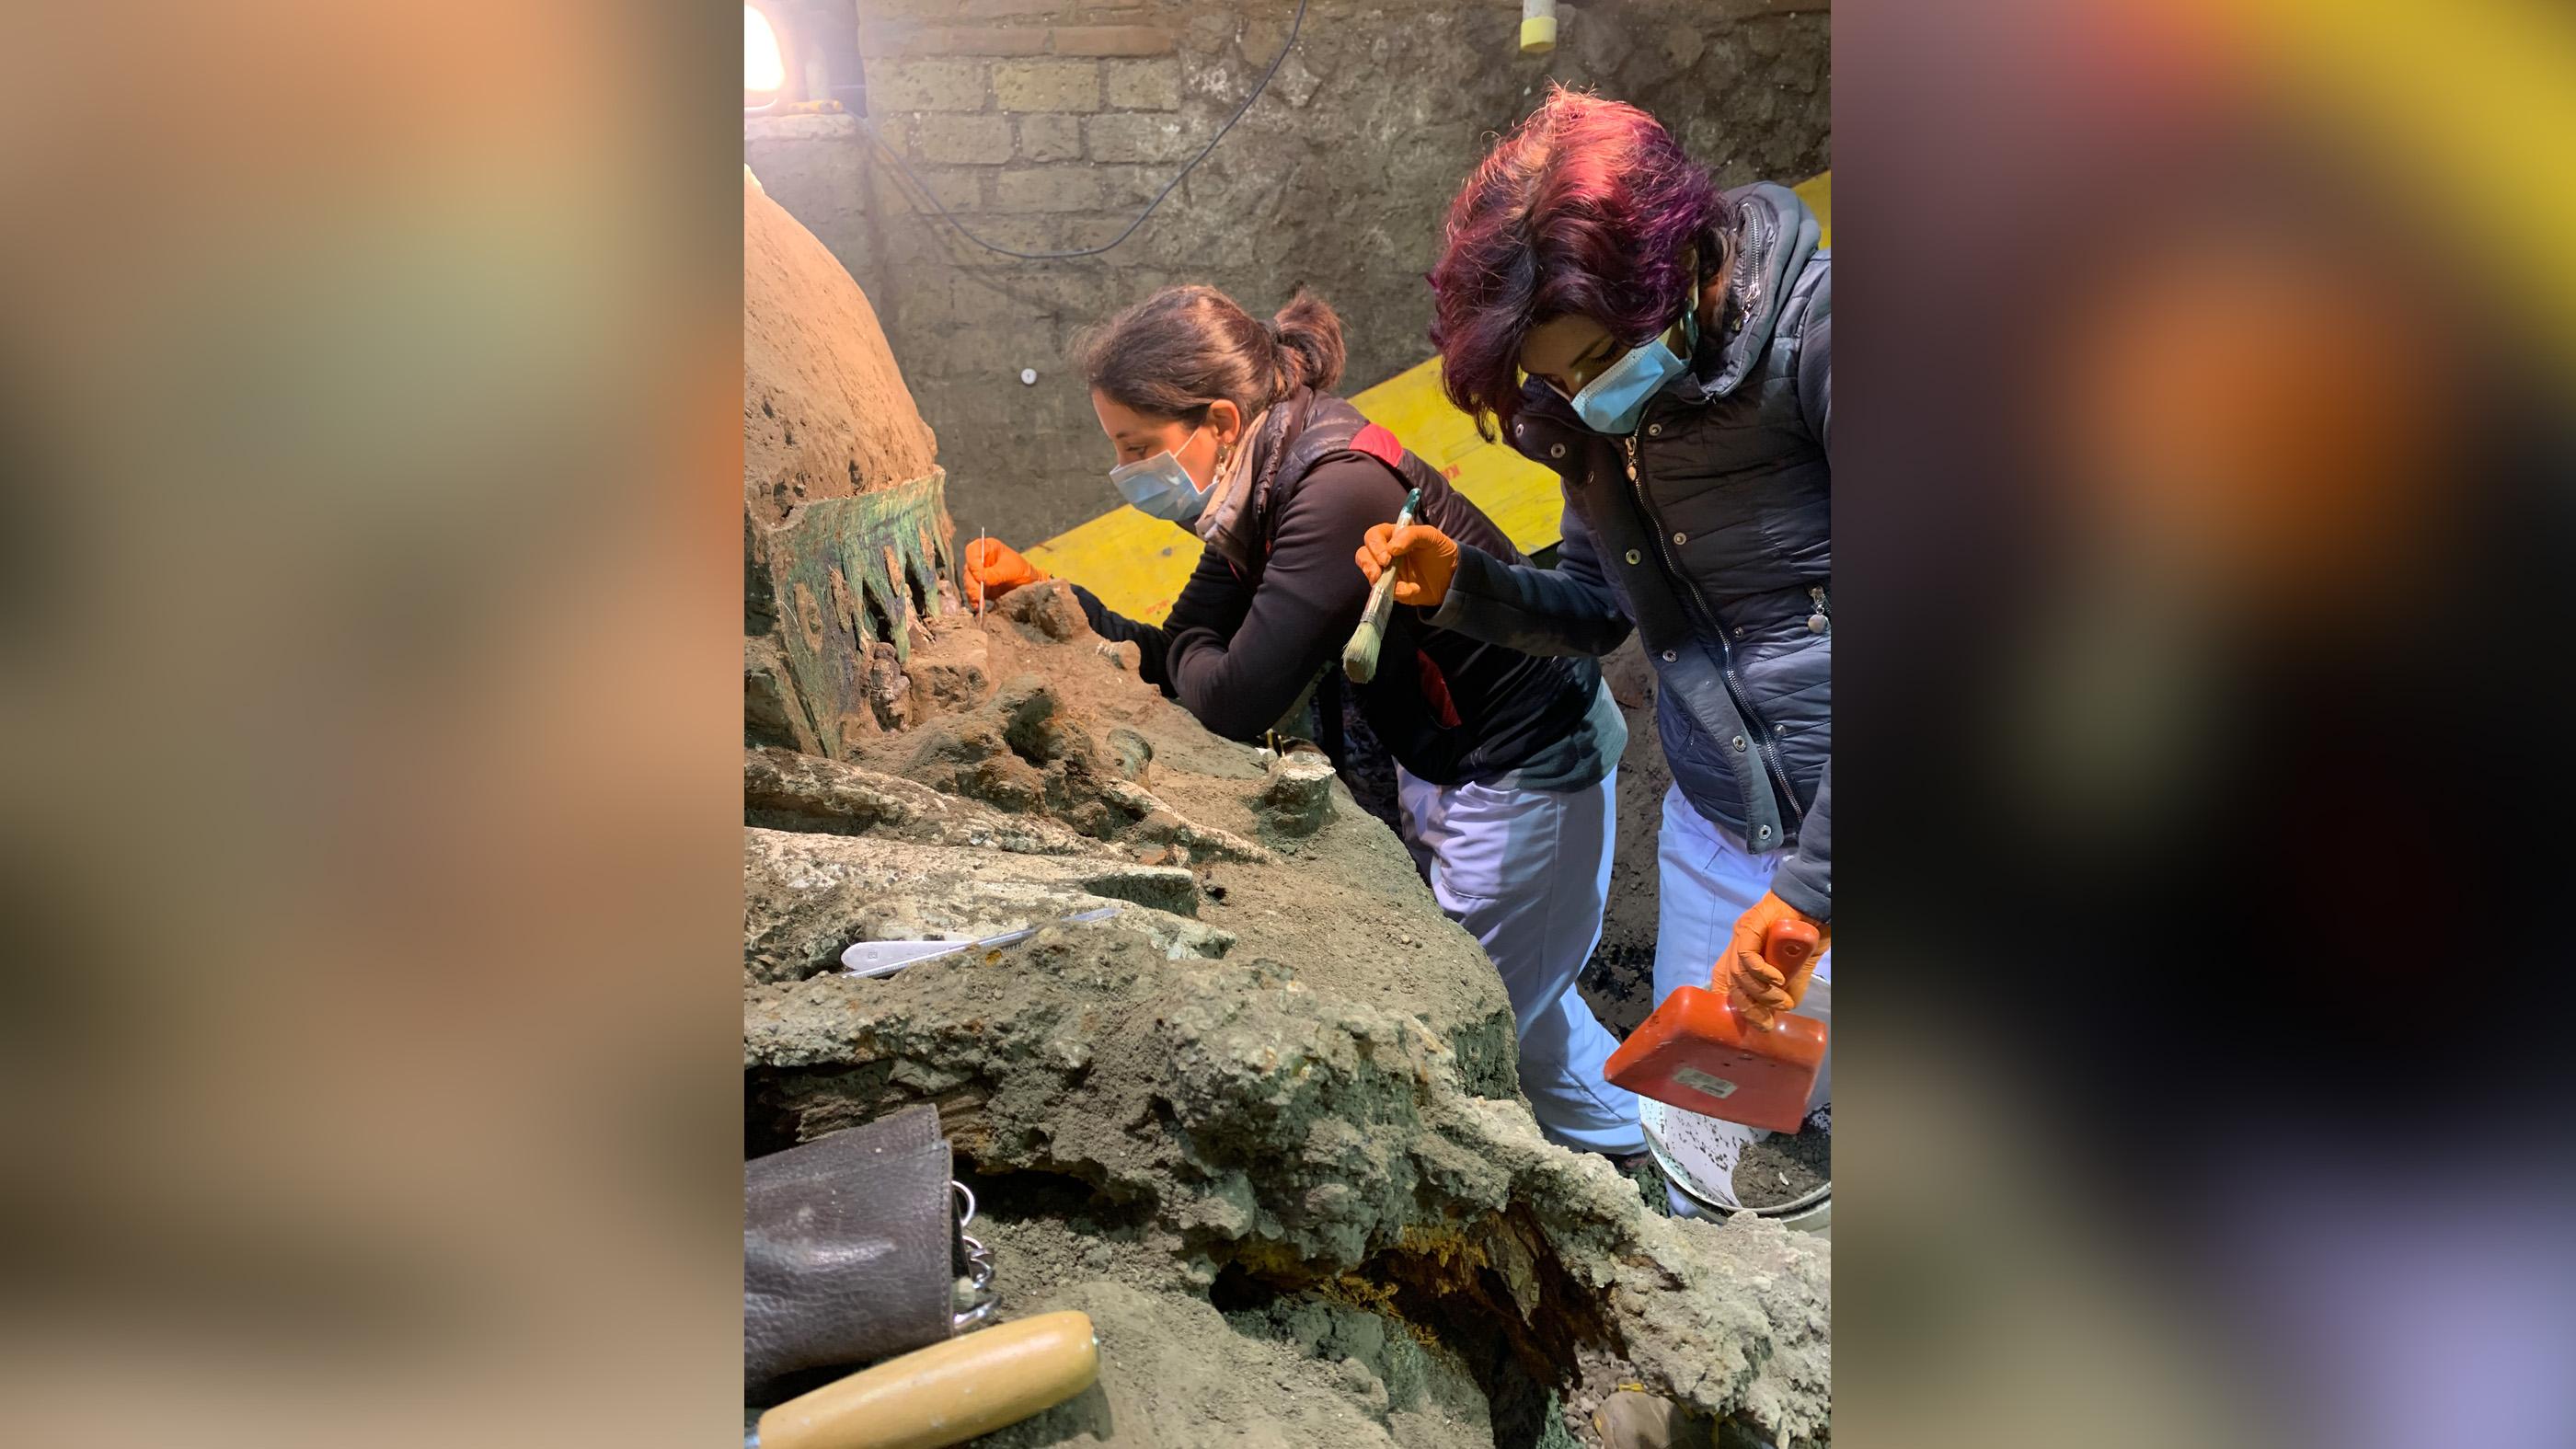 Les archéologues ont travaillé depuis la mi-janvier pour récupérer et restaurer le char, qui avait été négligé par les pillards qui ont creusé des tunnels dans la région.